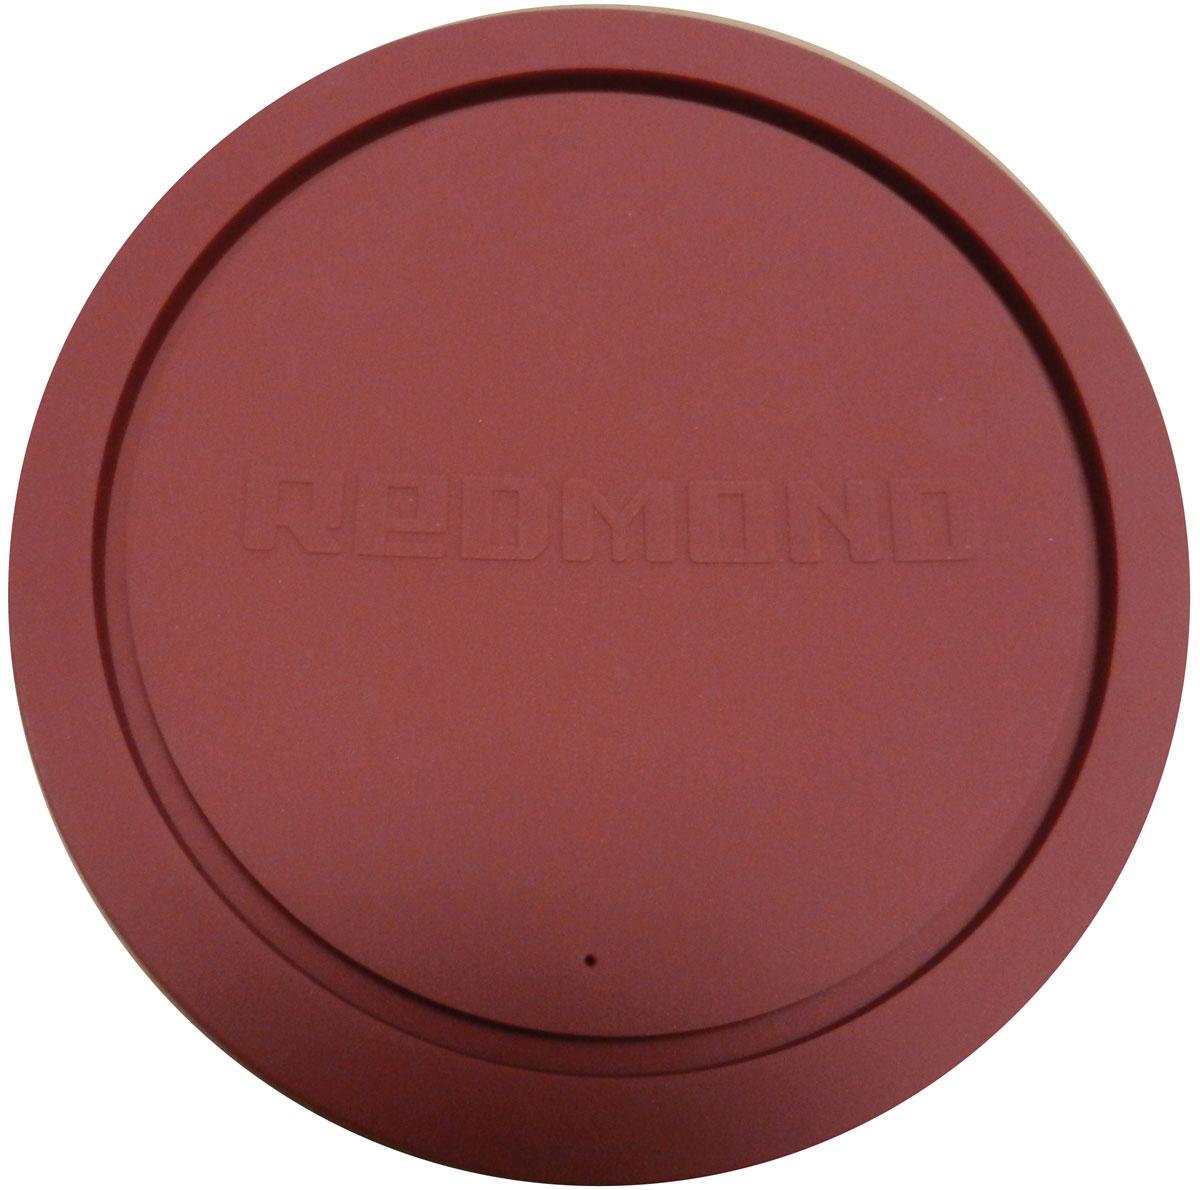 Redmond RAM-PLU1-E крышка для чаши мультиваркиRAM-PLU1-EУниверсальная силиконовая крышка Redmond RAM-PLU1-E изготовлена из высококачественного пищевого силикона — экологичного и долговечного материала. Прочная и эластичная, она отлично подходит для чаш мультиварок Redmond емкостью от 3 до 6 литров, а также для любых кастрюль или другой кухонной посуды соответствующего диаметра. Вы можете смело использовать крышку RAM-PLU1-E для приготовления блюд в микроволновой печи, для хранения продуктов в холодильнике или морозильной камере. Кроме того, силиконовая крышка отлично послужит вам в качестве подставки для горячей посуды. Ухаживать за силиконовой крышкой необычайно просто: она легко моется как под краном, так и в посудомоечной машине. Диаметр чаши: без ободка - 20 см, с ободком - 22 см.